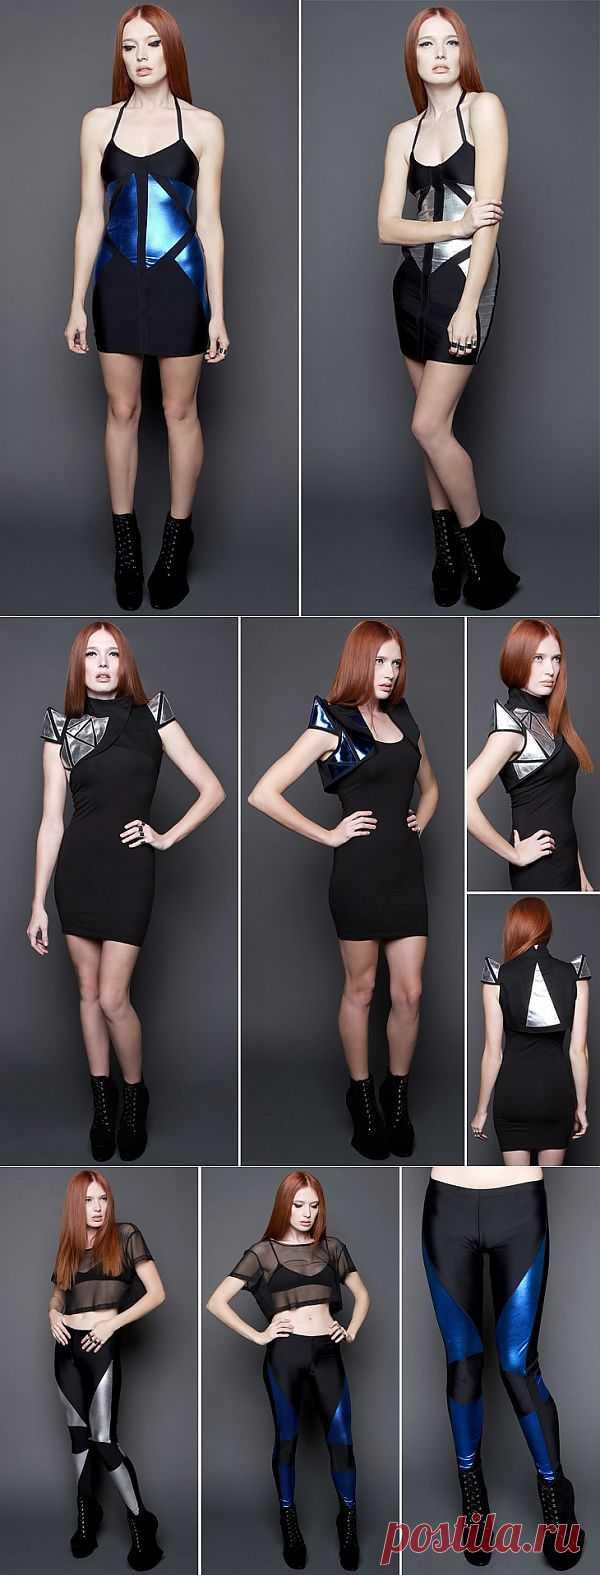 Mirror Image / Аппликации / Модный сайт о стильной переделке одежды и интерьера